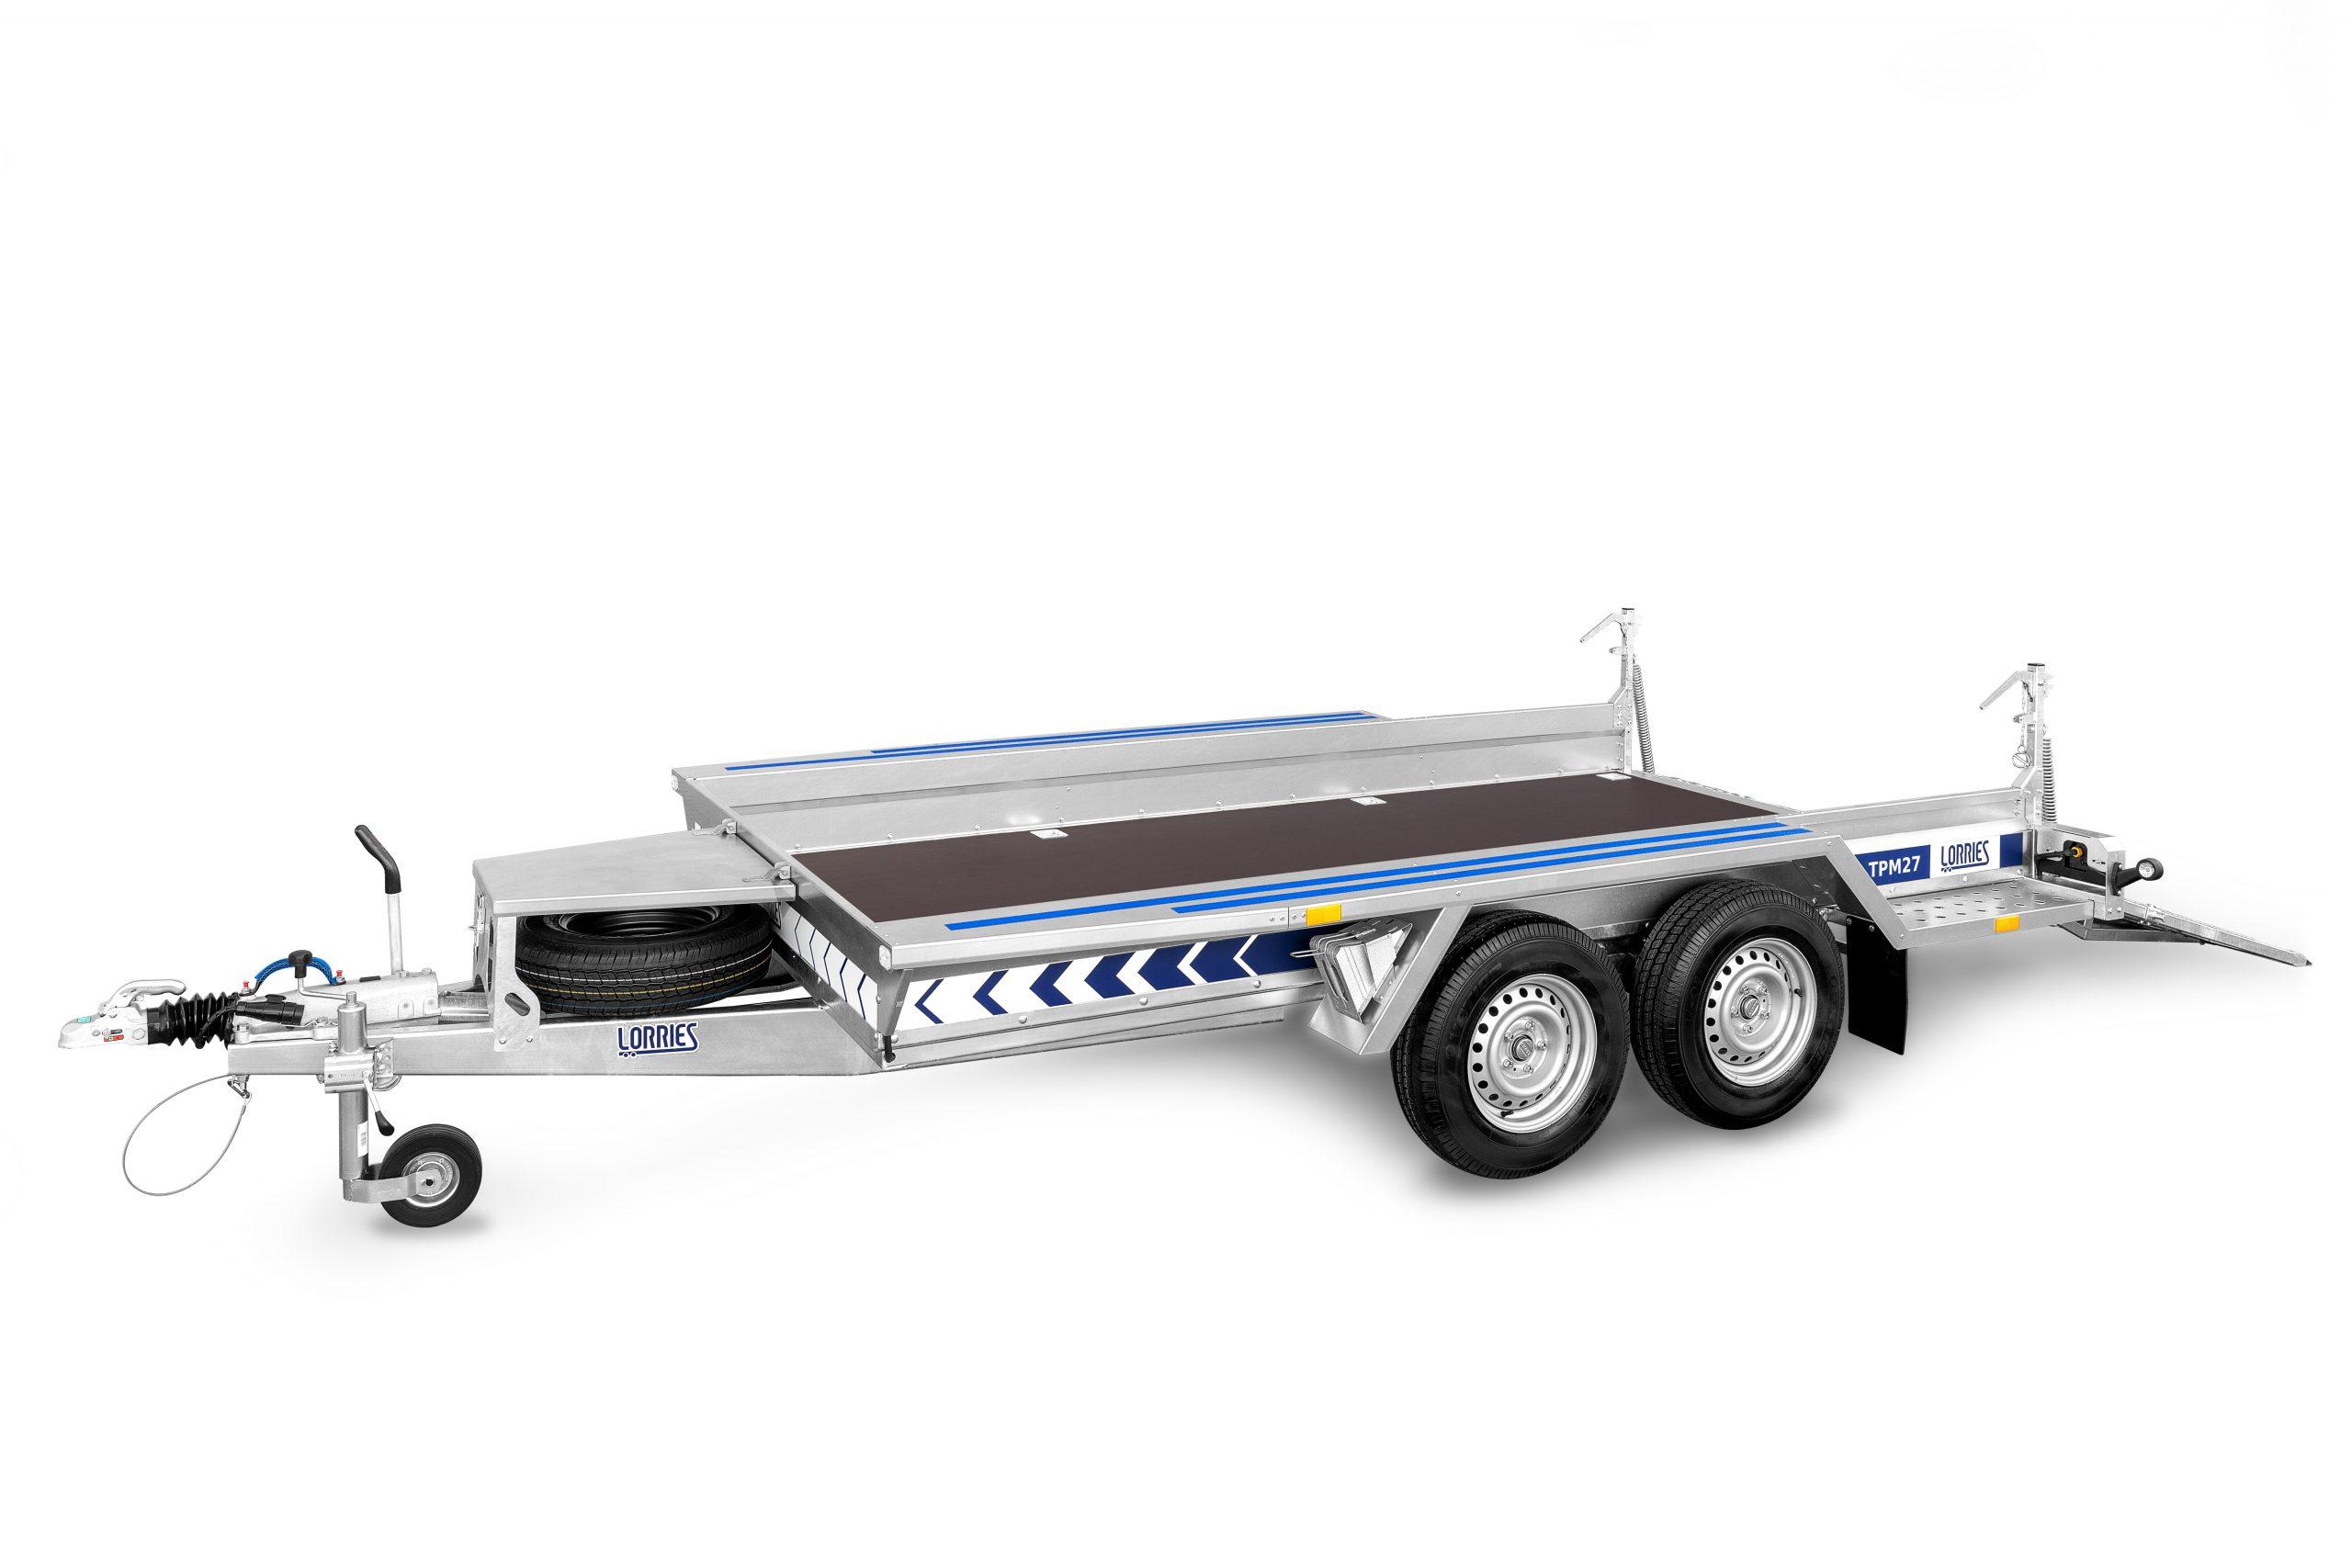 Przyczepa do transportu maszyn budowlanych TPM27